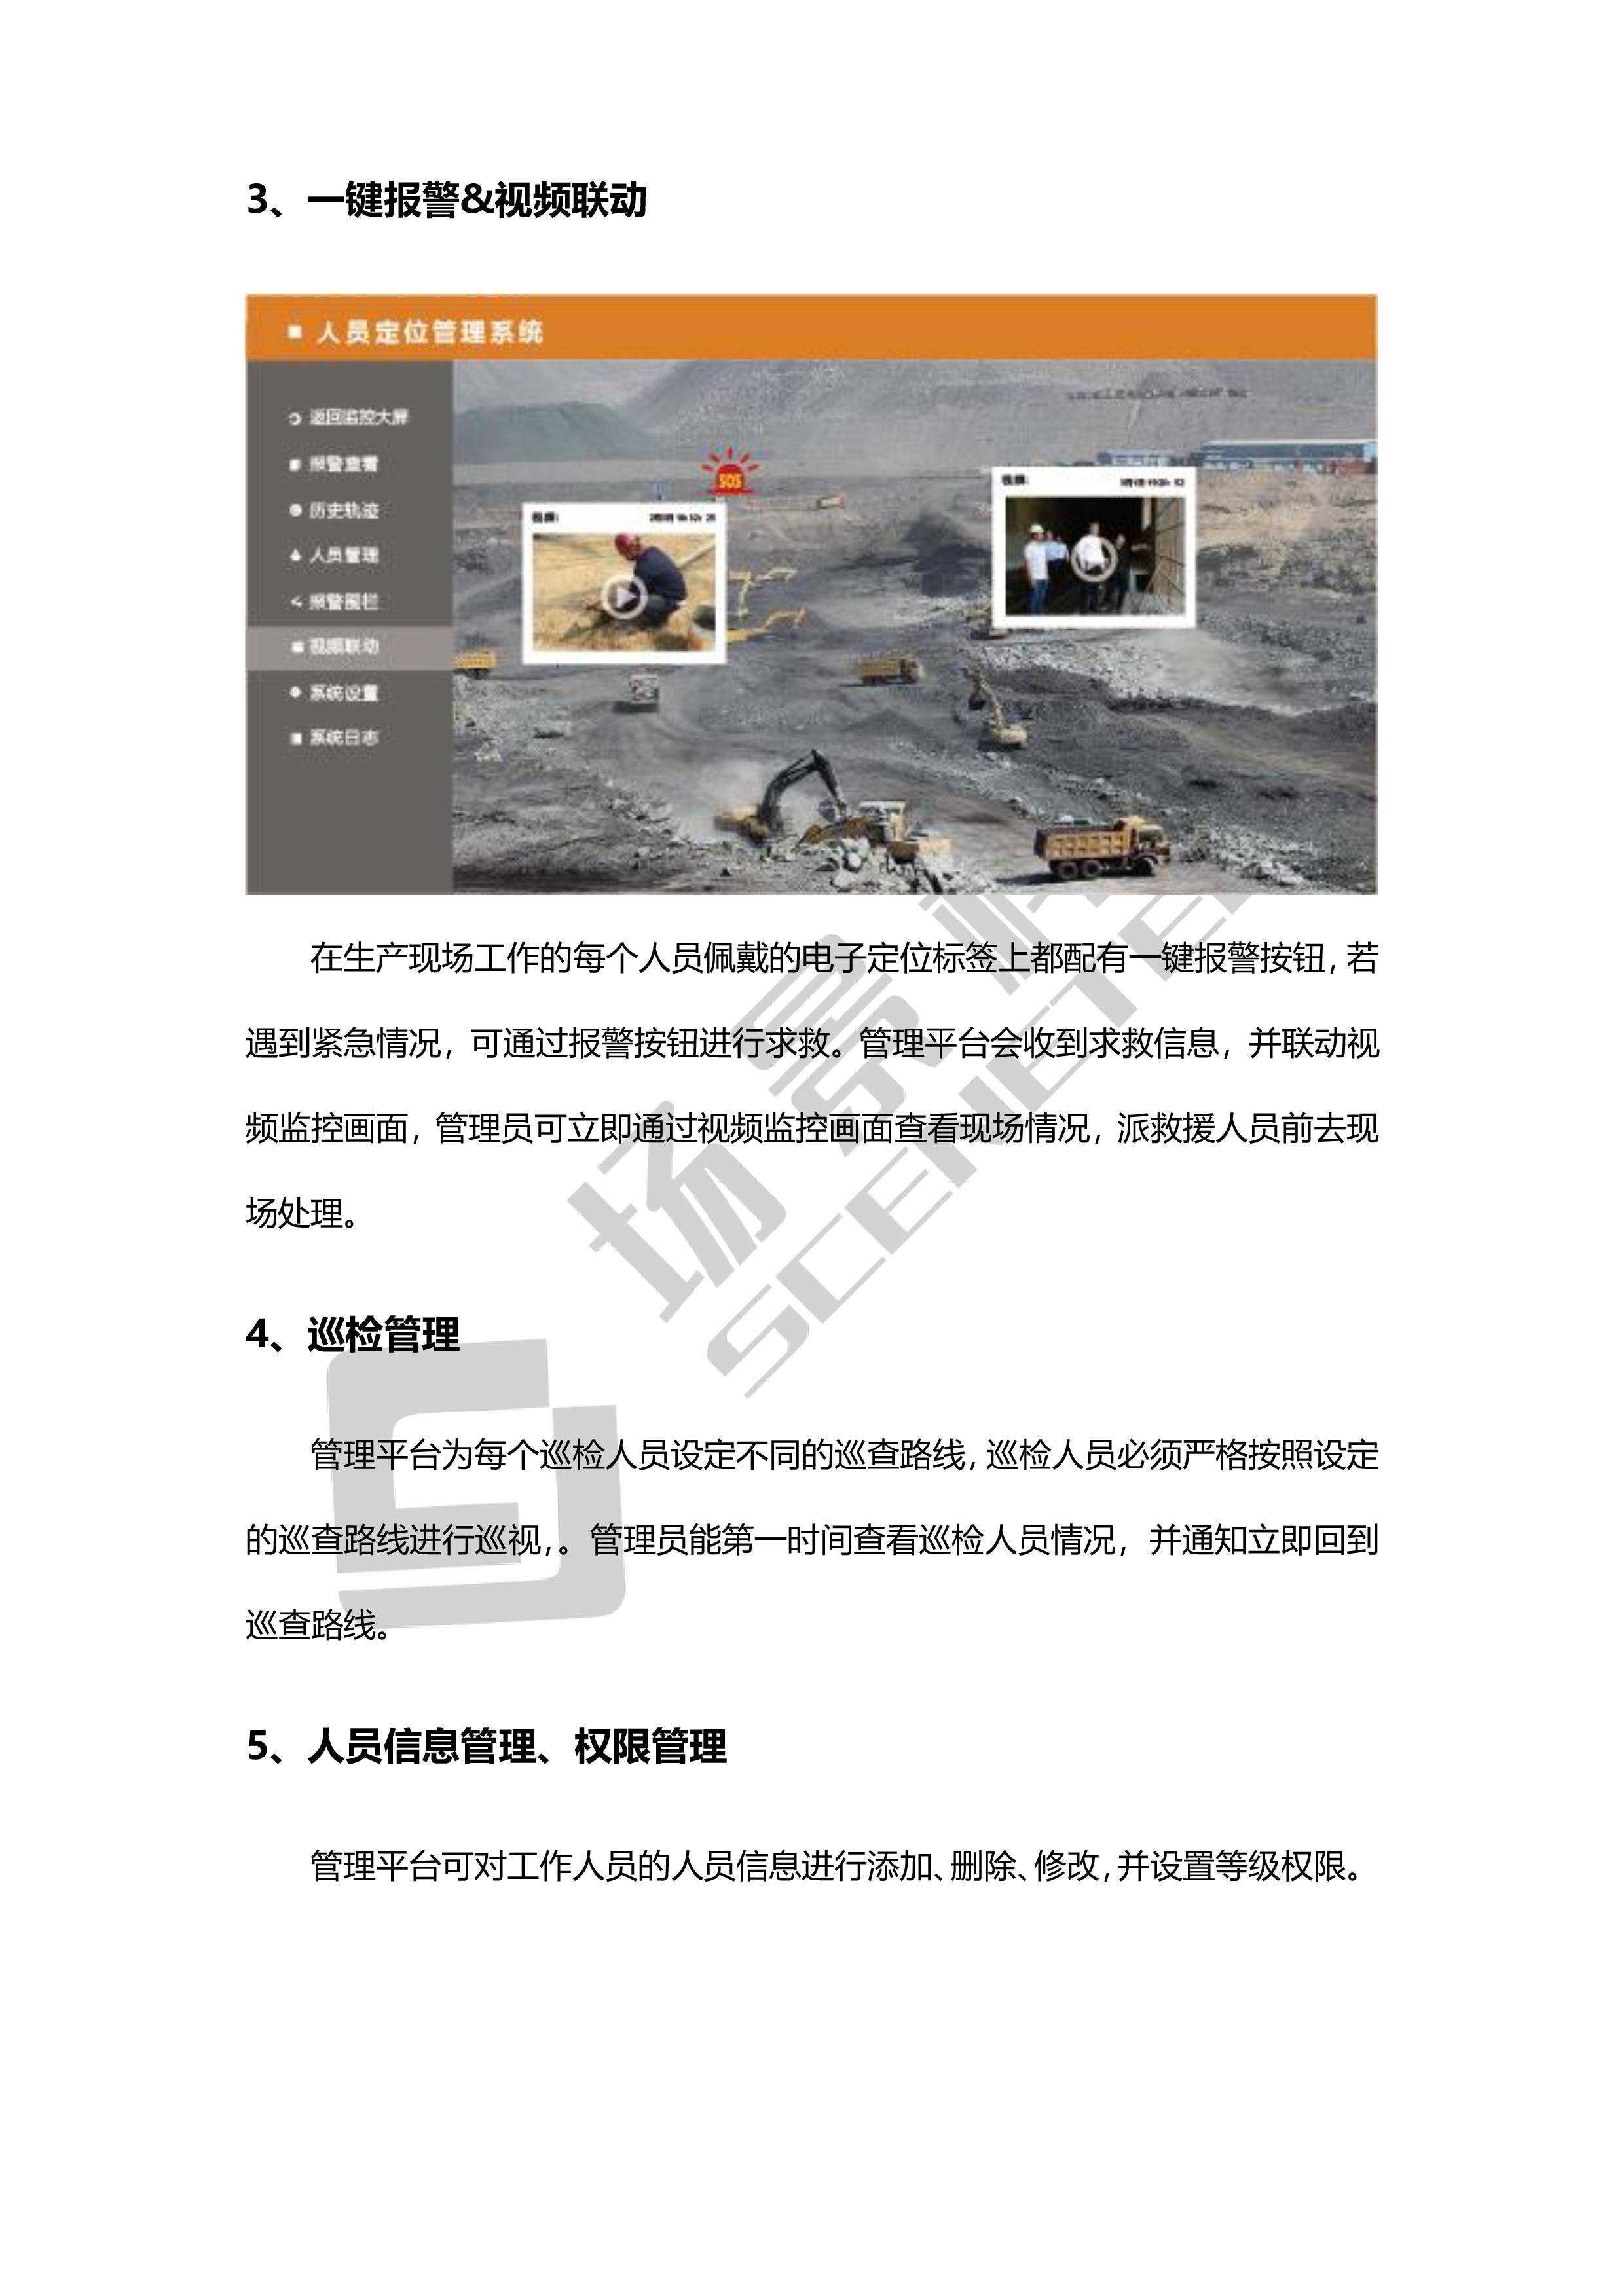 11111采石场、露天煤矿蓝牙+GPS人员定位管理系统解决方案-7